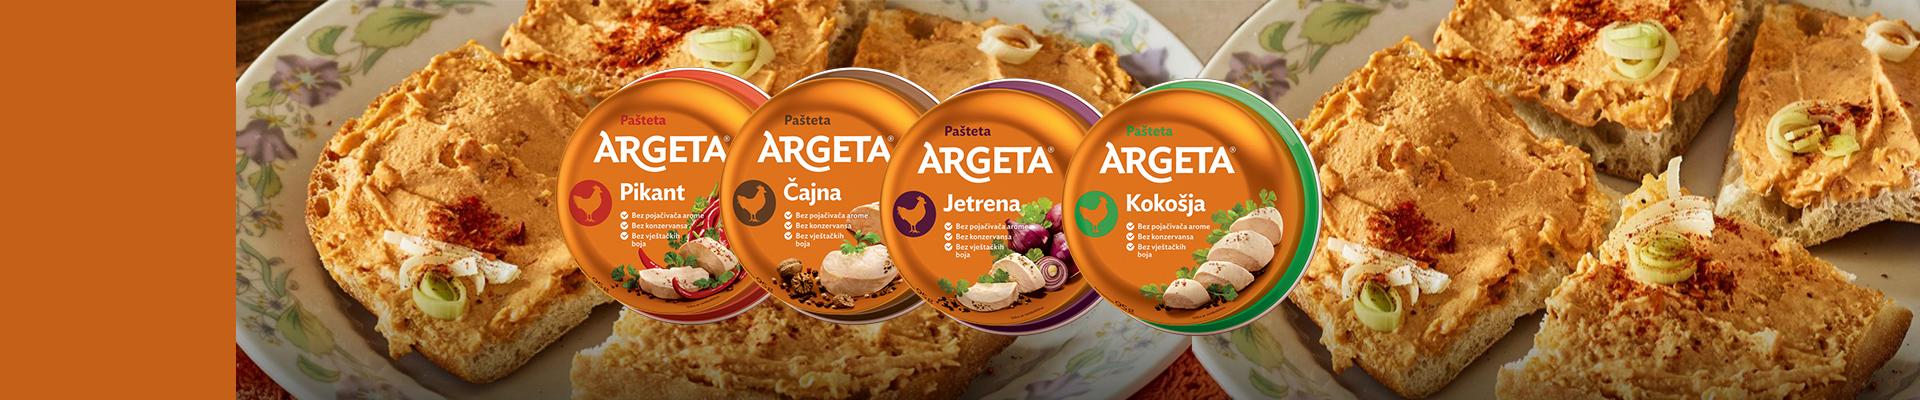 Pogledajte našu proširenu ponudu Argeta pašteta !